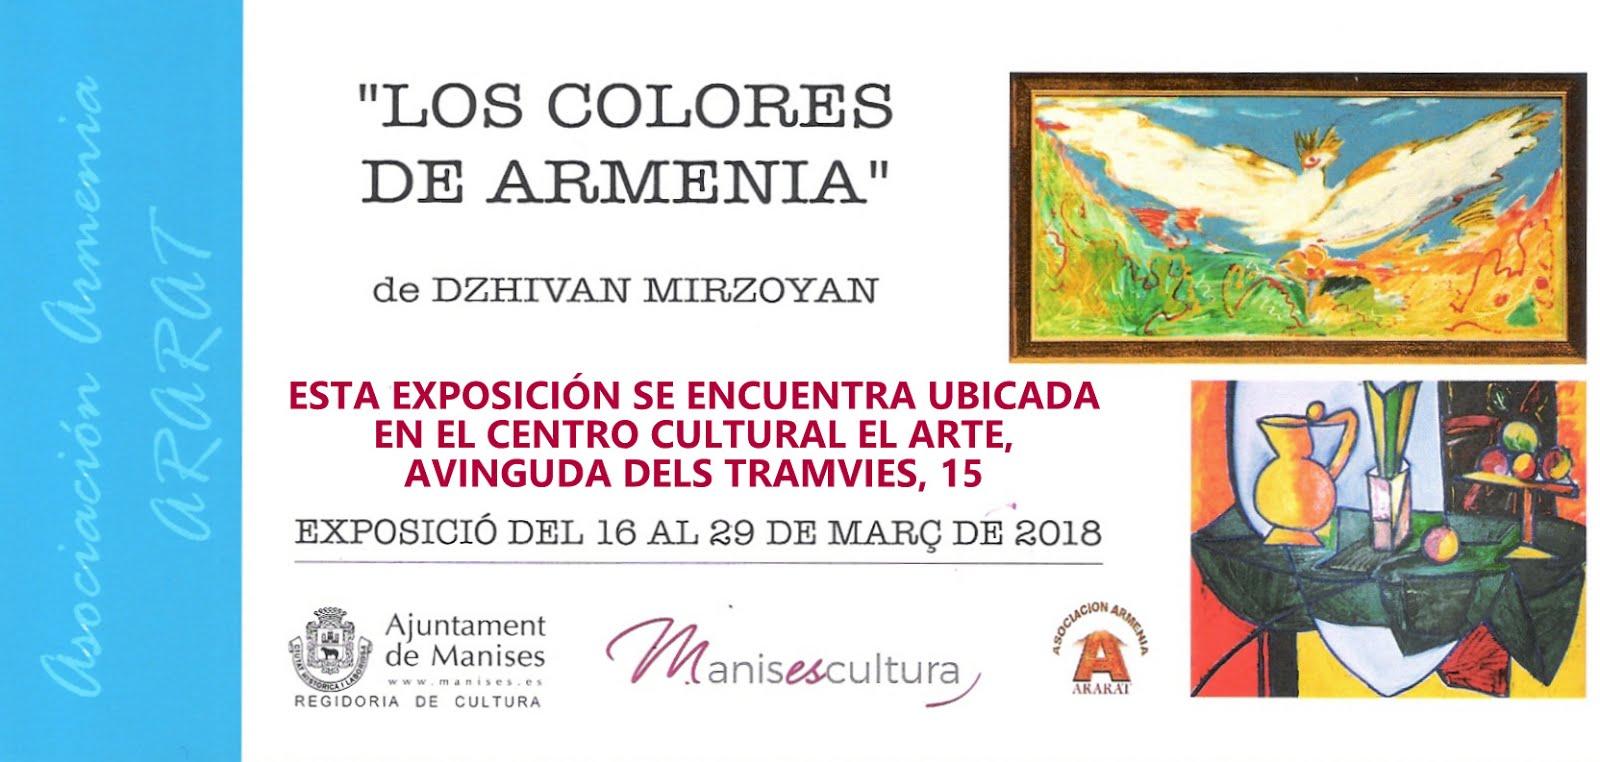 """16.03.18 EXPOSICIÓN EN EL CENTRO CULTURAL """"EL ARTE"""" SOBRE ARMENIA"""